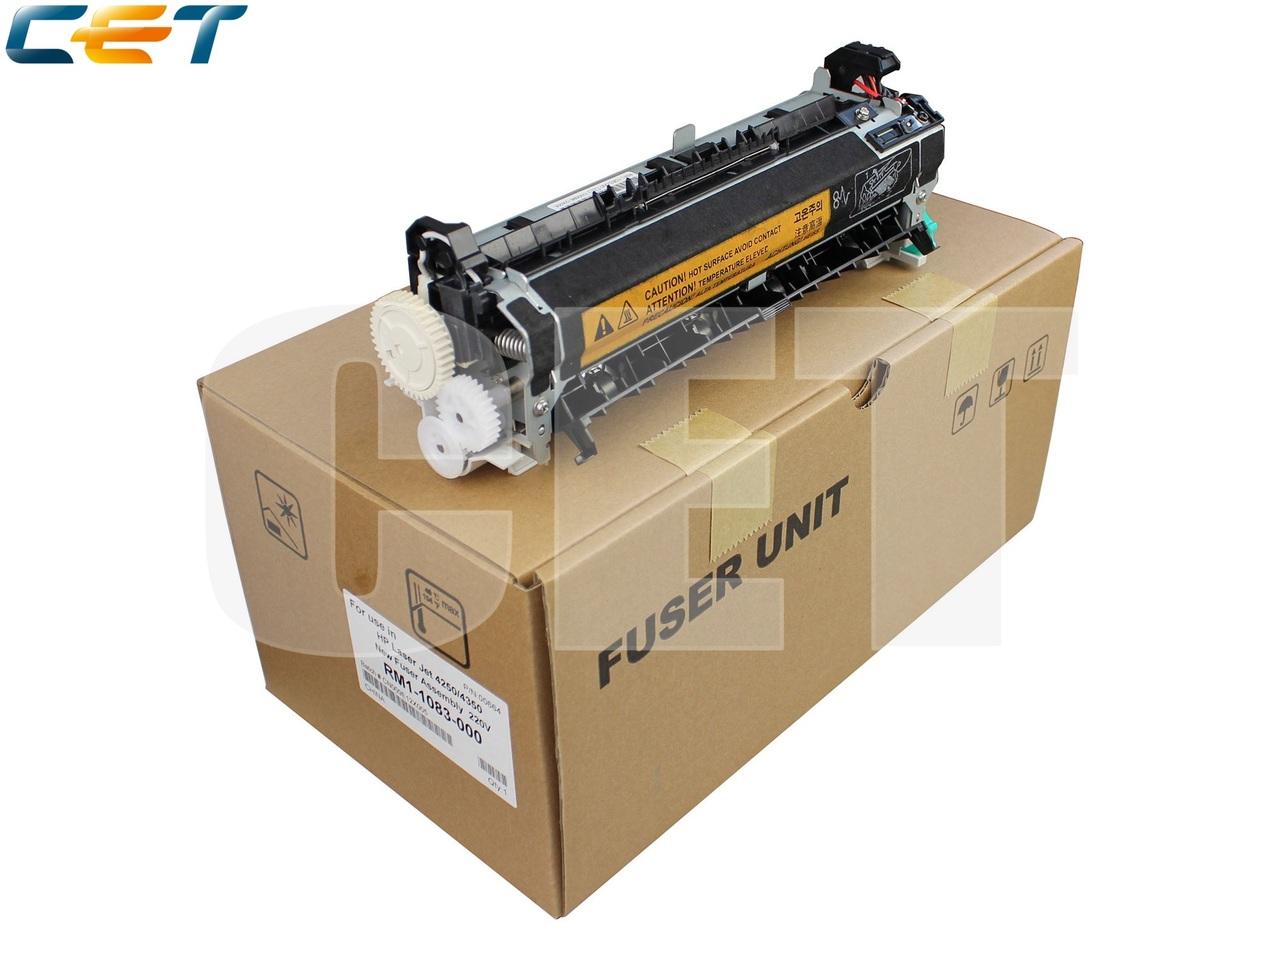 Фьюзер (печка) в сборе RM1-1083-000 для HP LaserJet4250/4350 (CET), CET0664